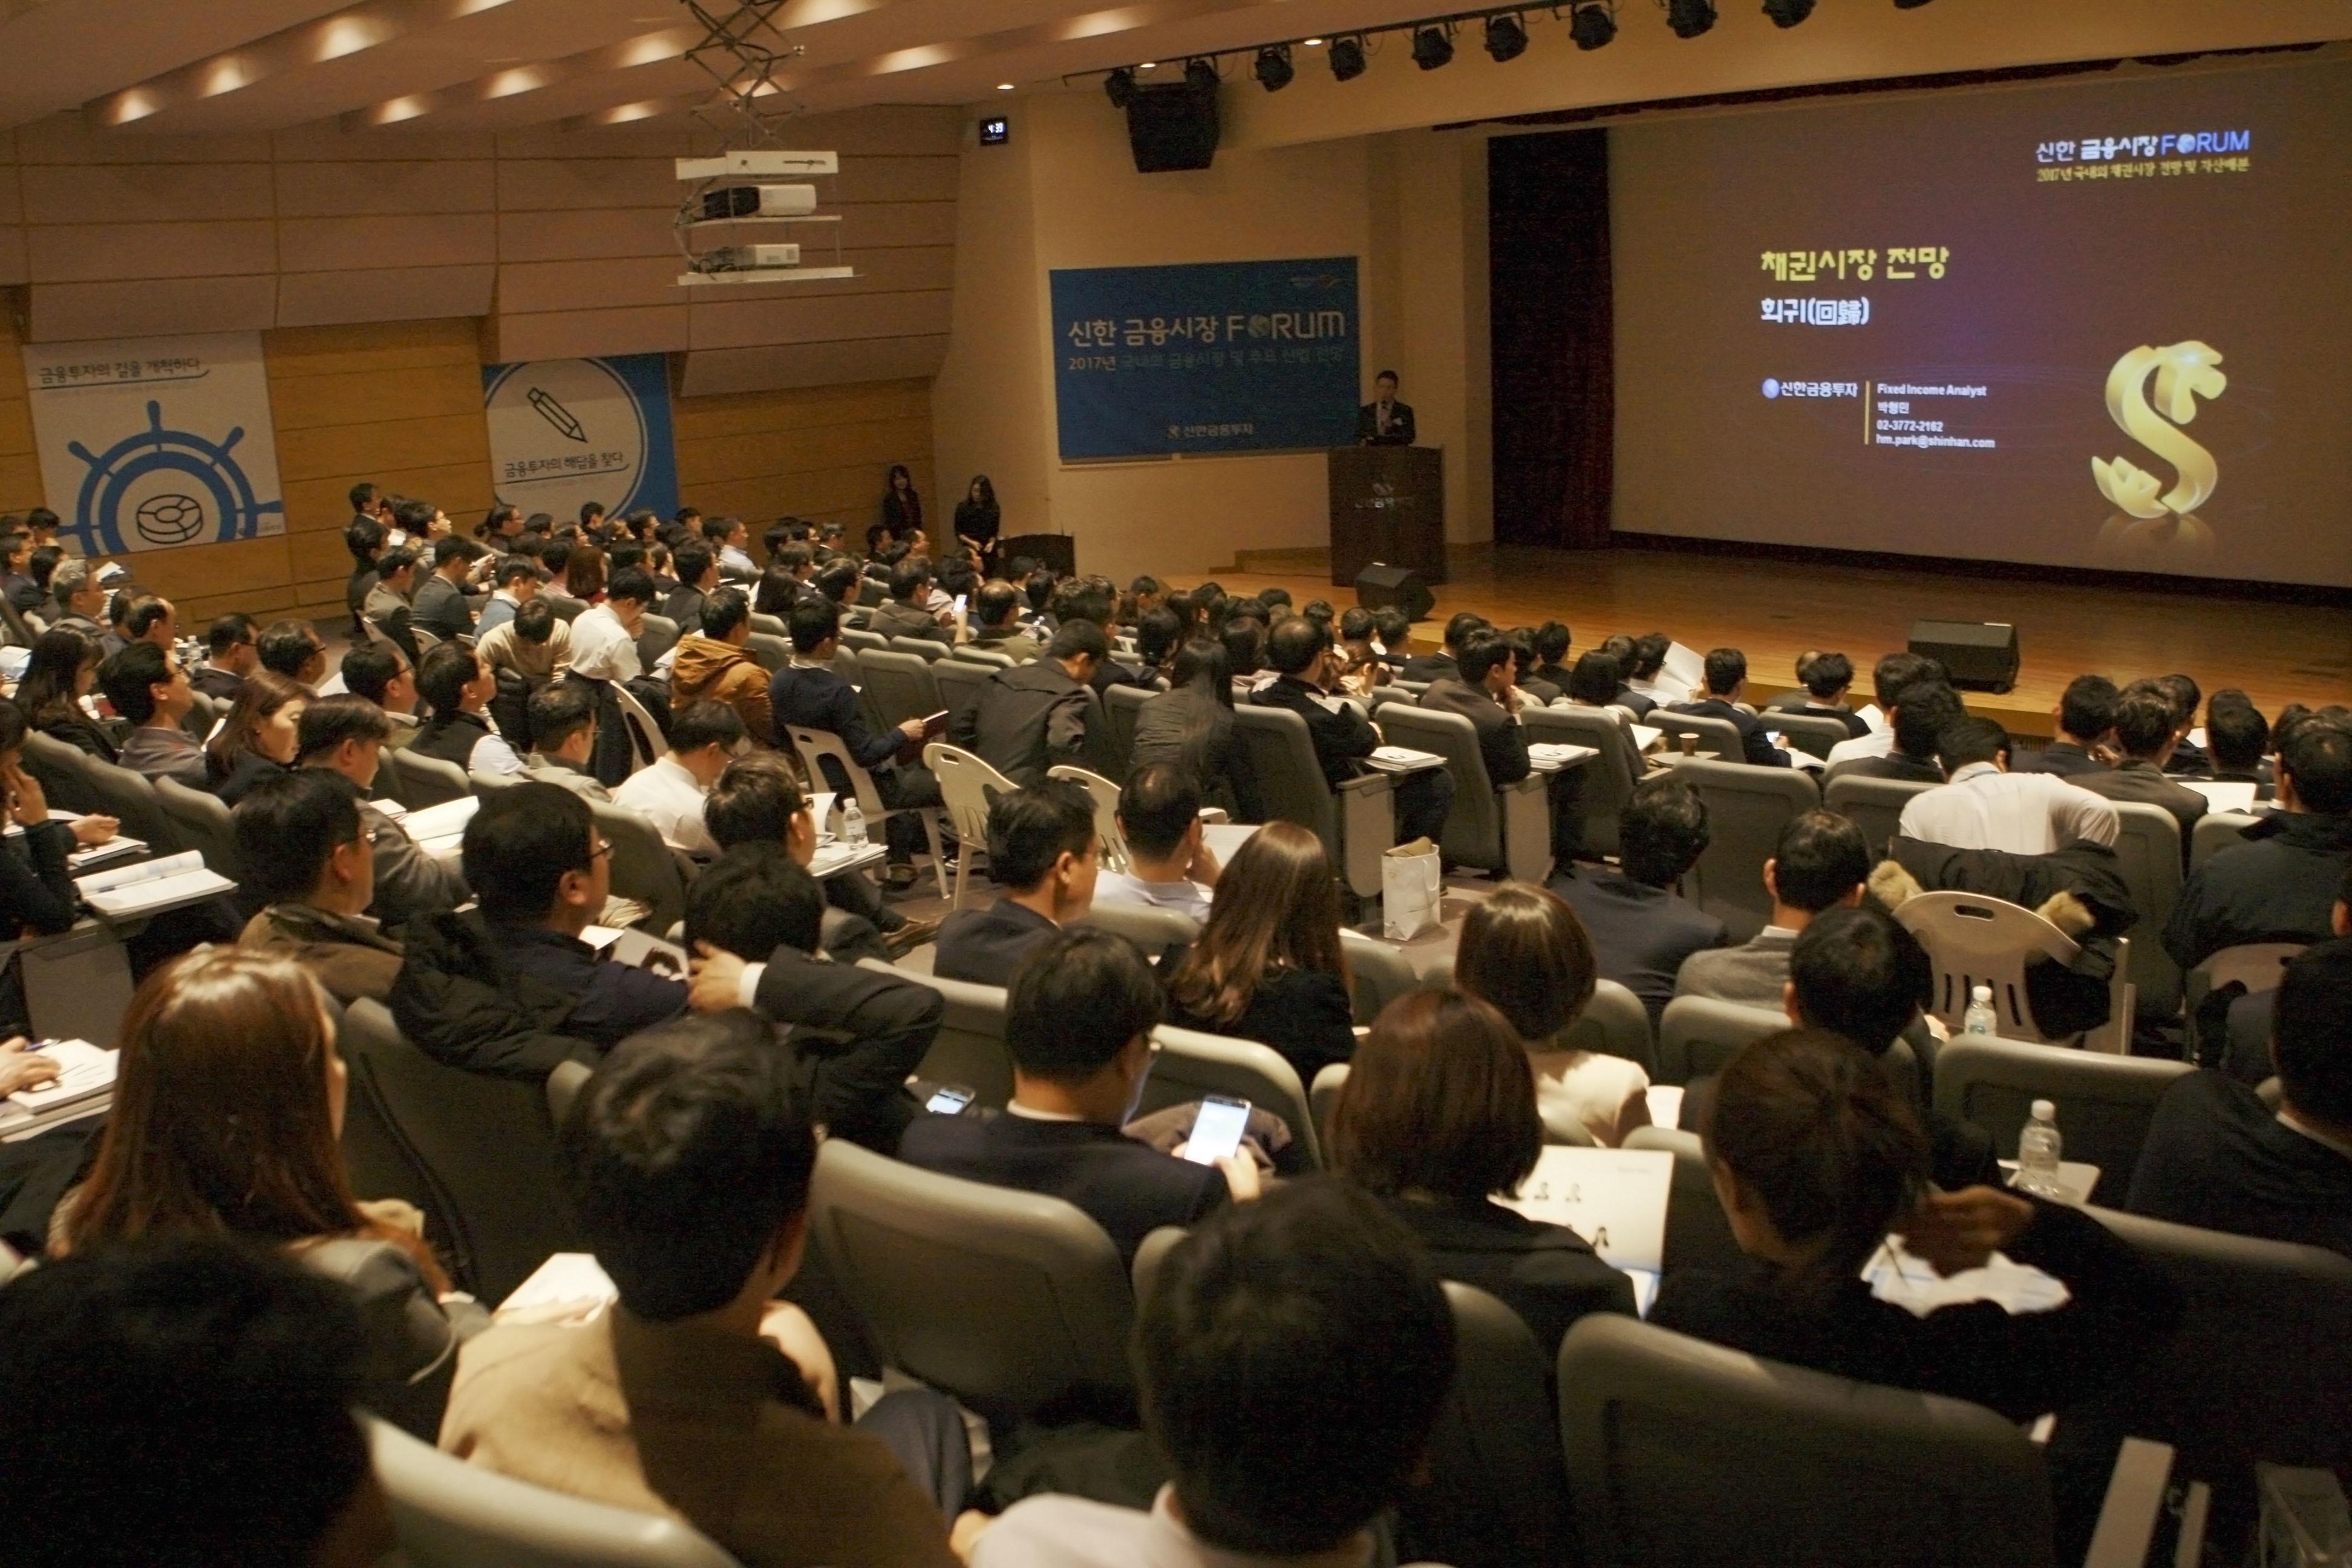 7666a6b5d13 아프리카TV, KT 올레tv 채널 출시 - ZDNet korea. 2018-11-30 · 또한 앞선 22일에는 올레tv 모바일에  아프리카TV 개인방송 전용 서비스를 ...